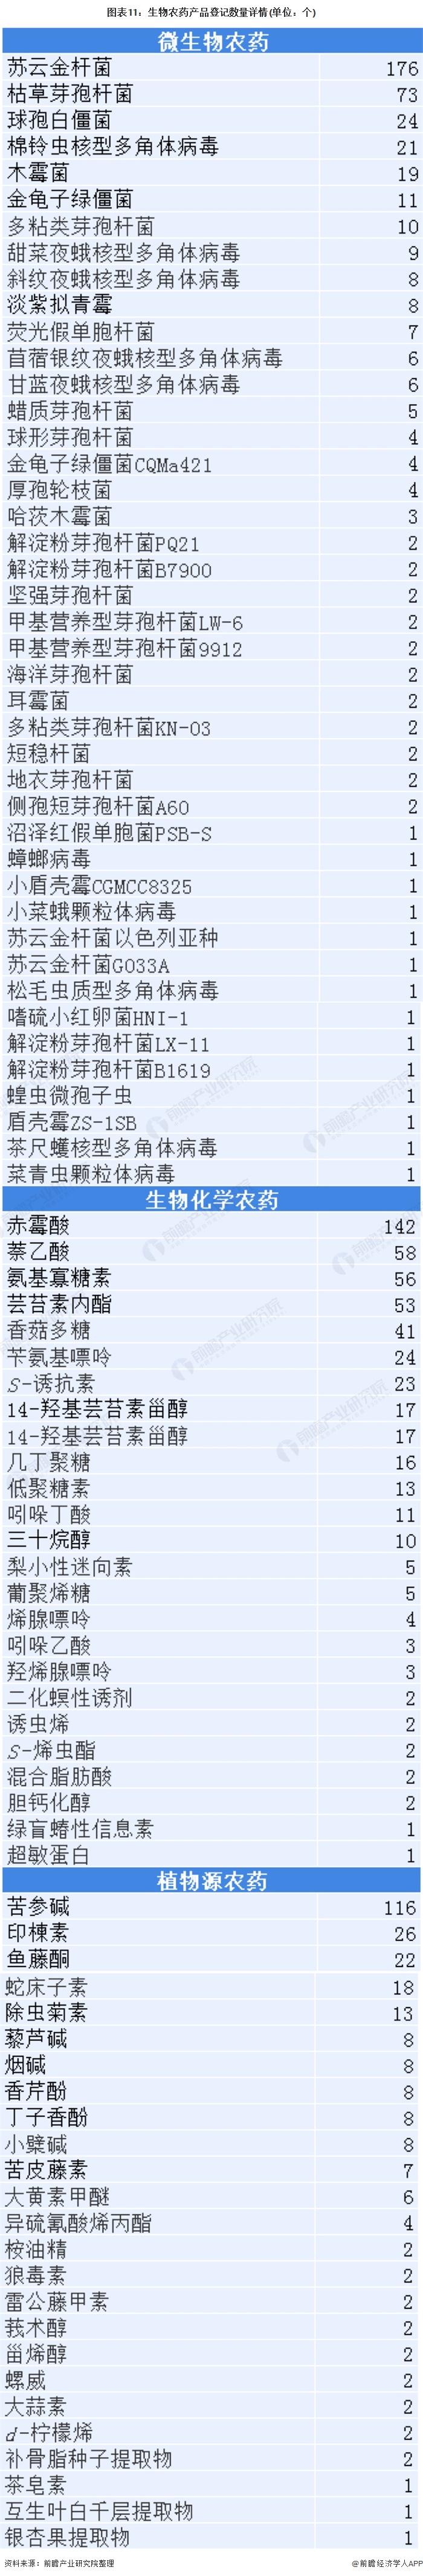 图表11:生物农药产品登记数量详情(单位:个)